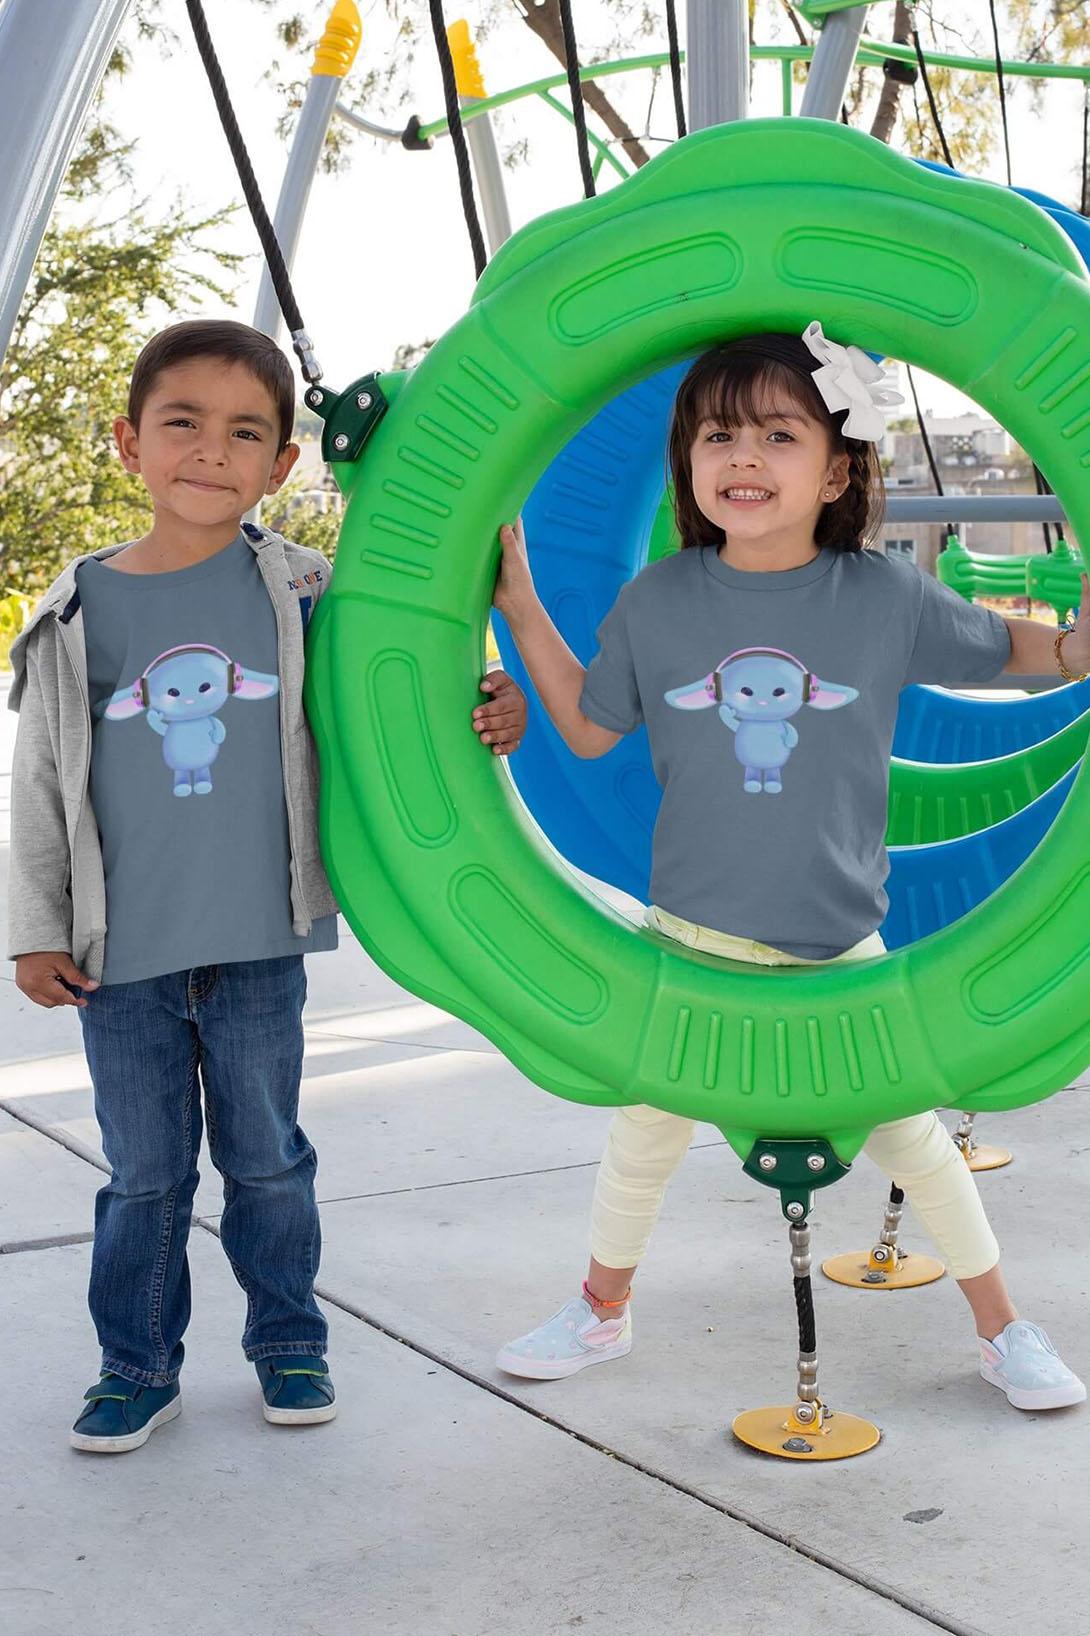 MMO Detské tričko Zajac so slúchadlami Vyberte farbu:: Limetková, Detská veľkosť: 146/10 rokov